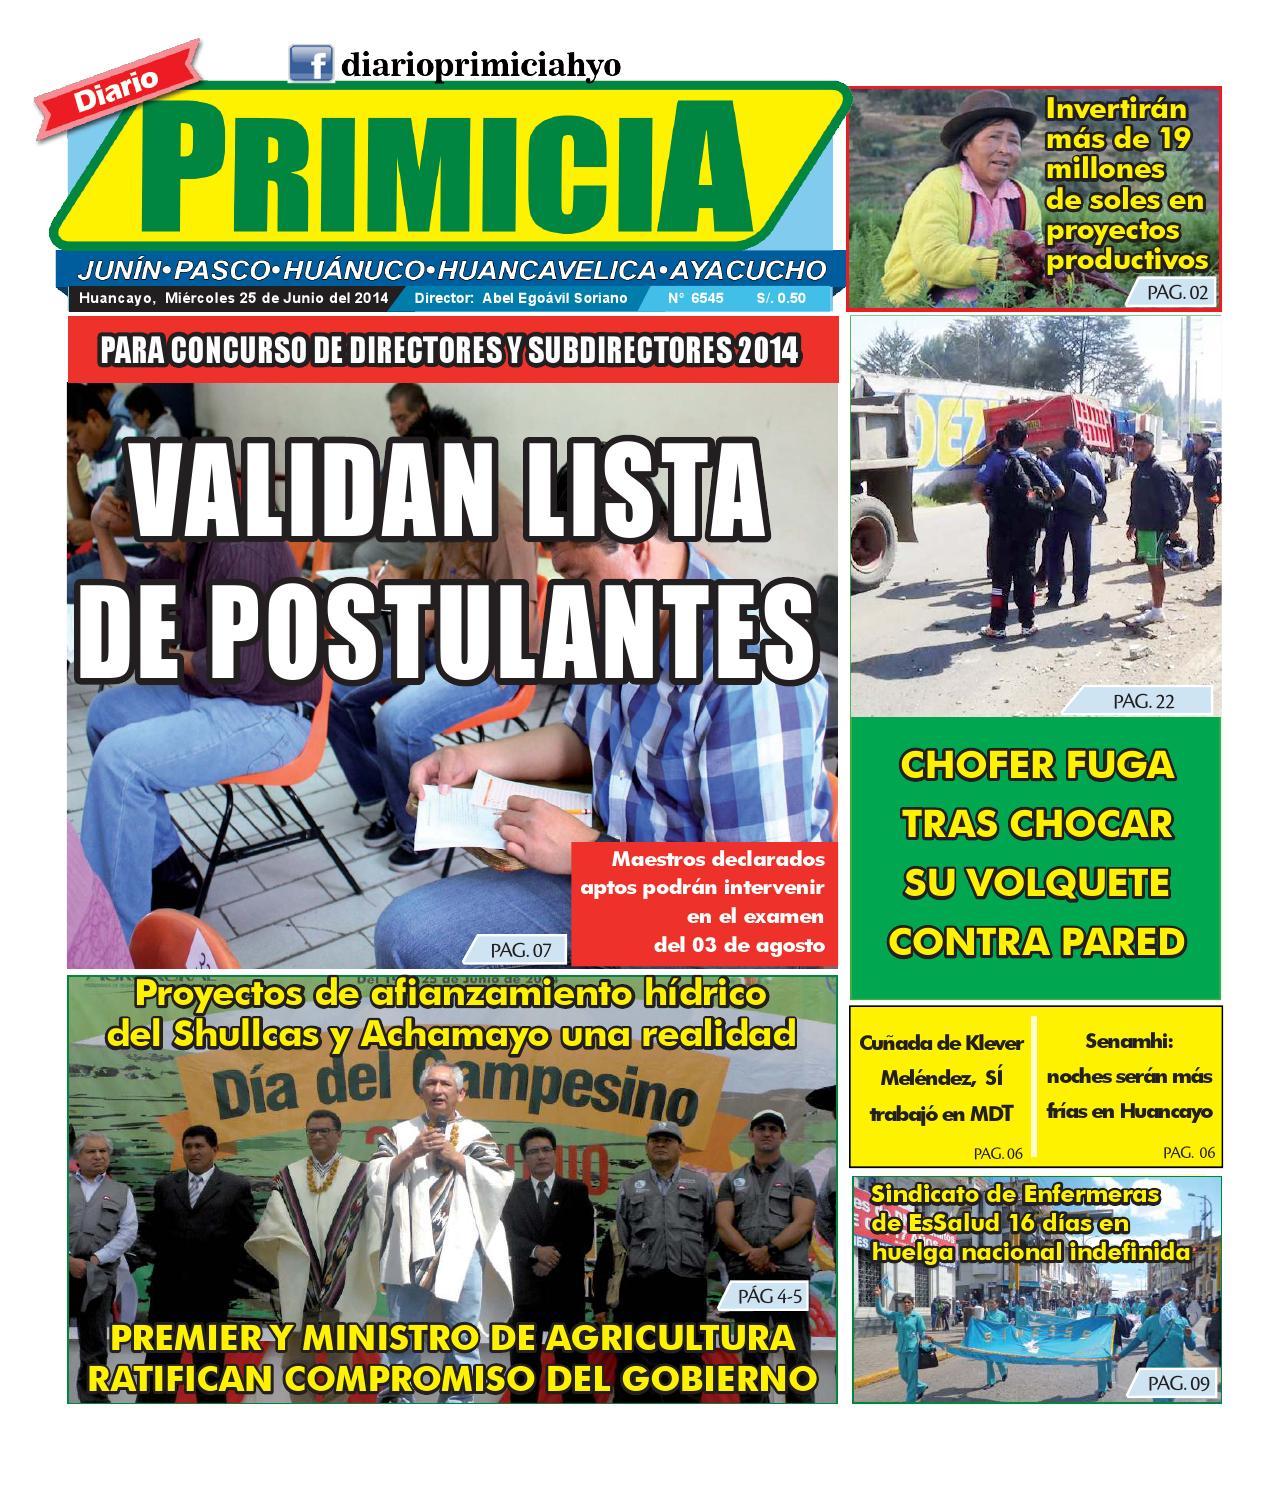 diario primicia impresa 25 06 14 by diario primicia issuu